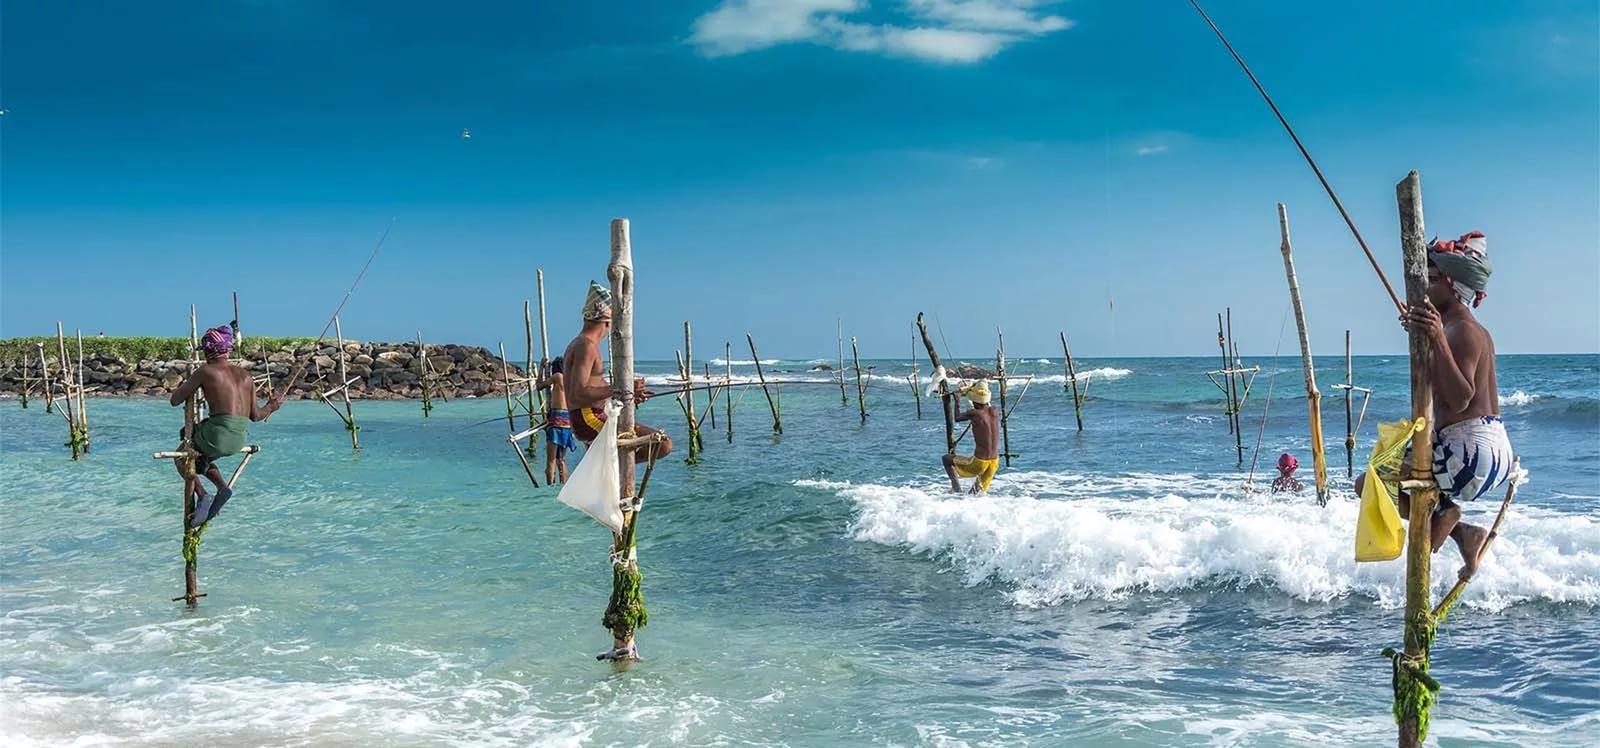 Шри Ланка рыбаки